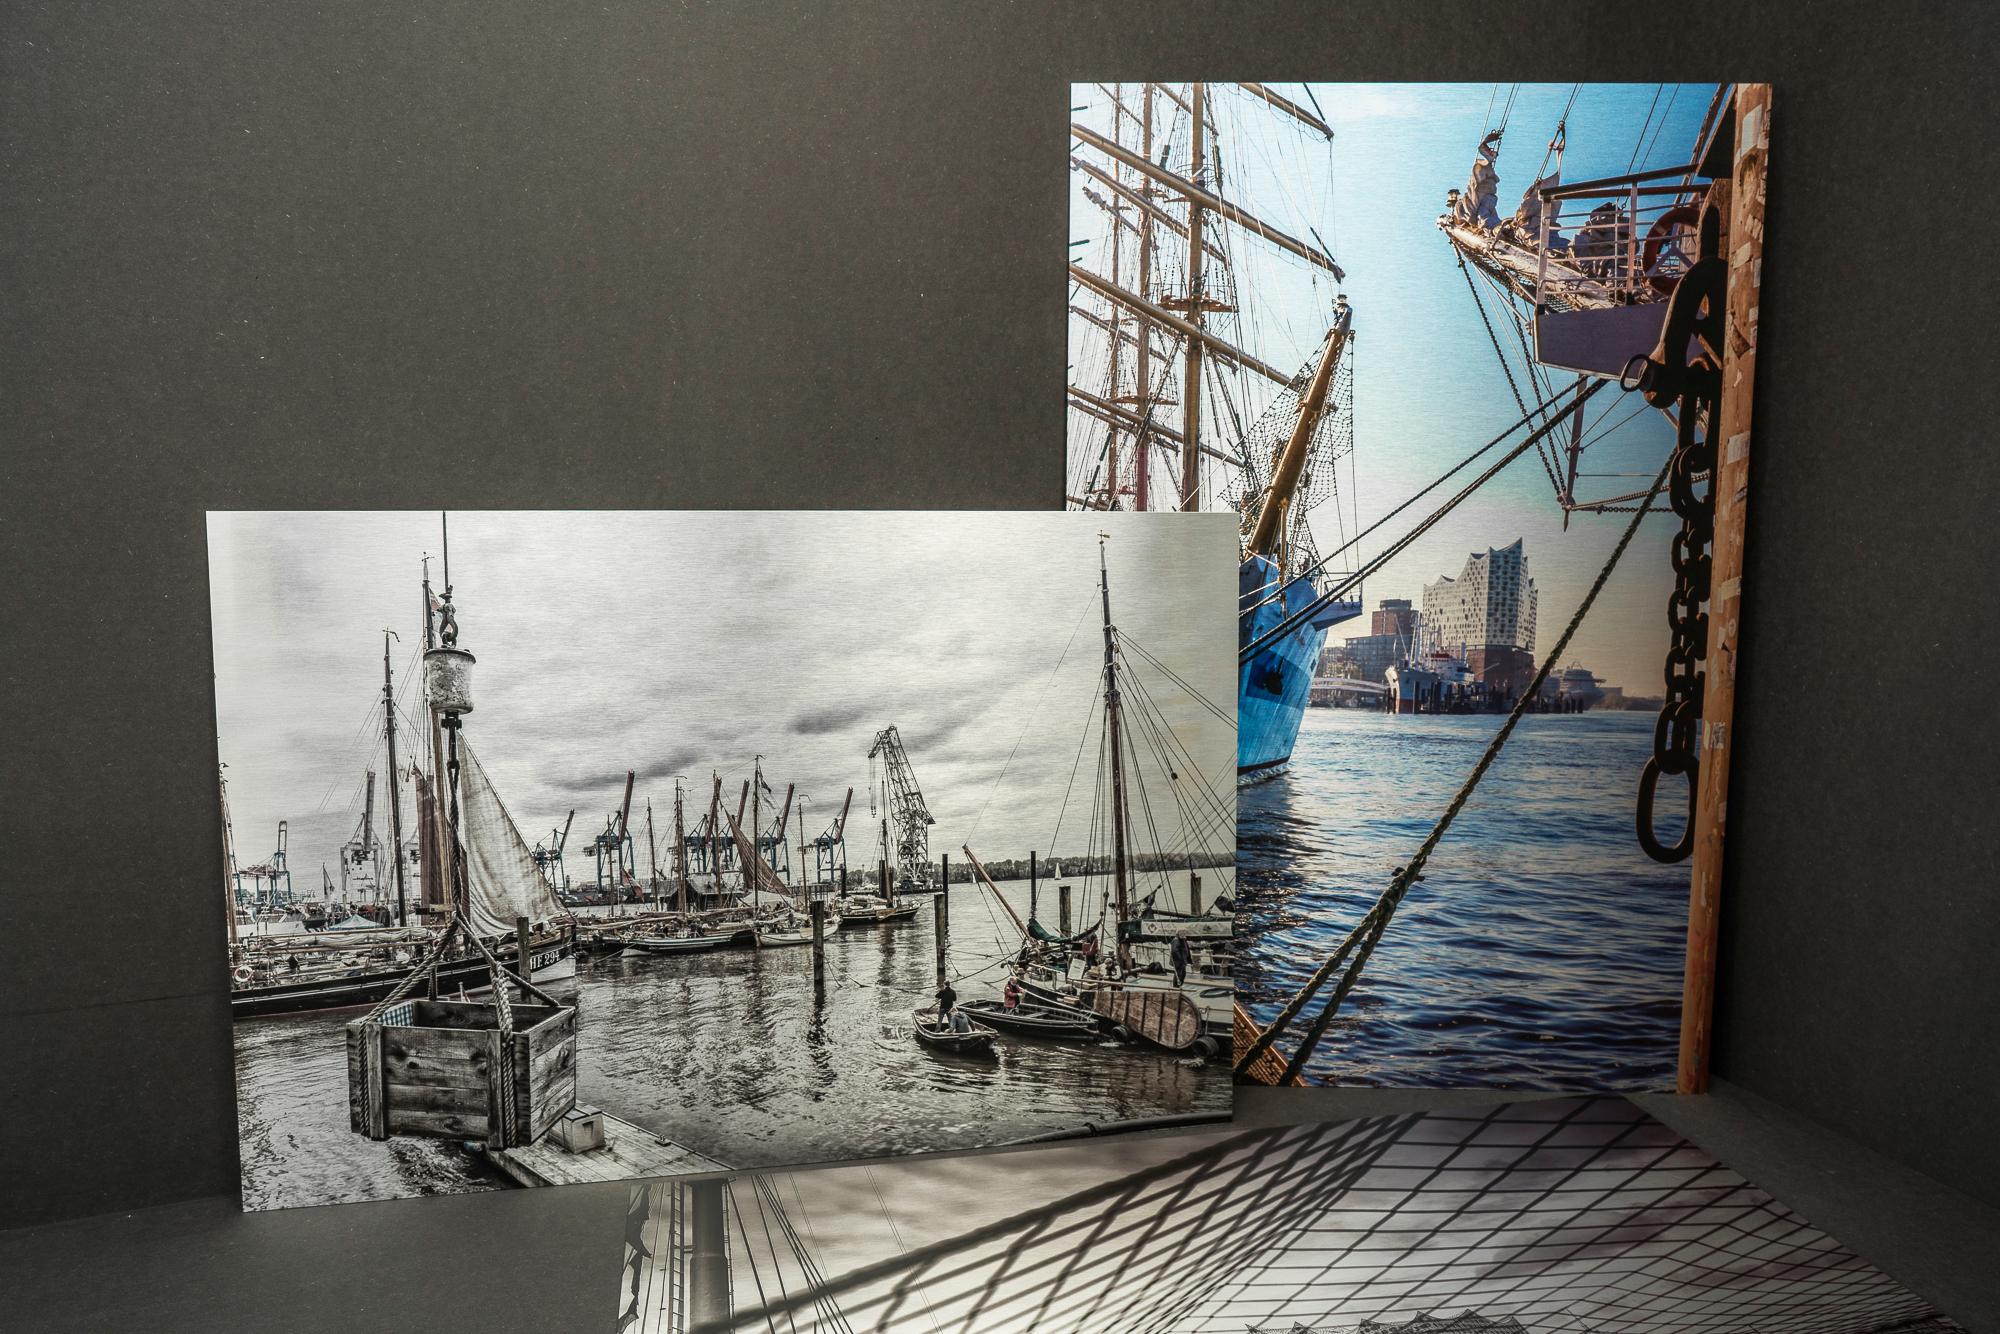 Hamburg Fotos gedruckt auf Aludibond silber gebürstet